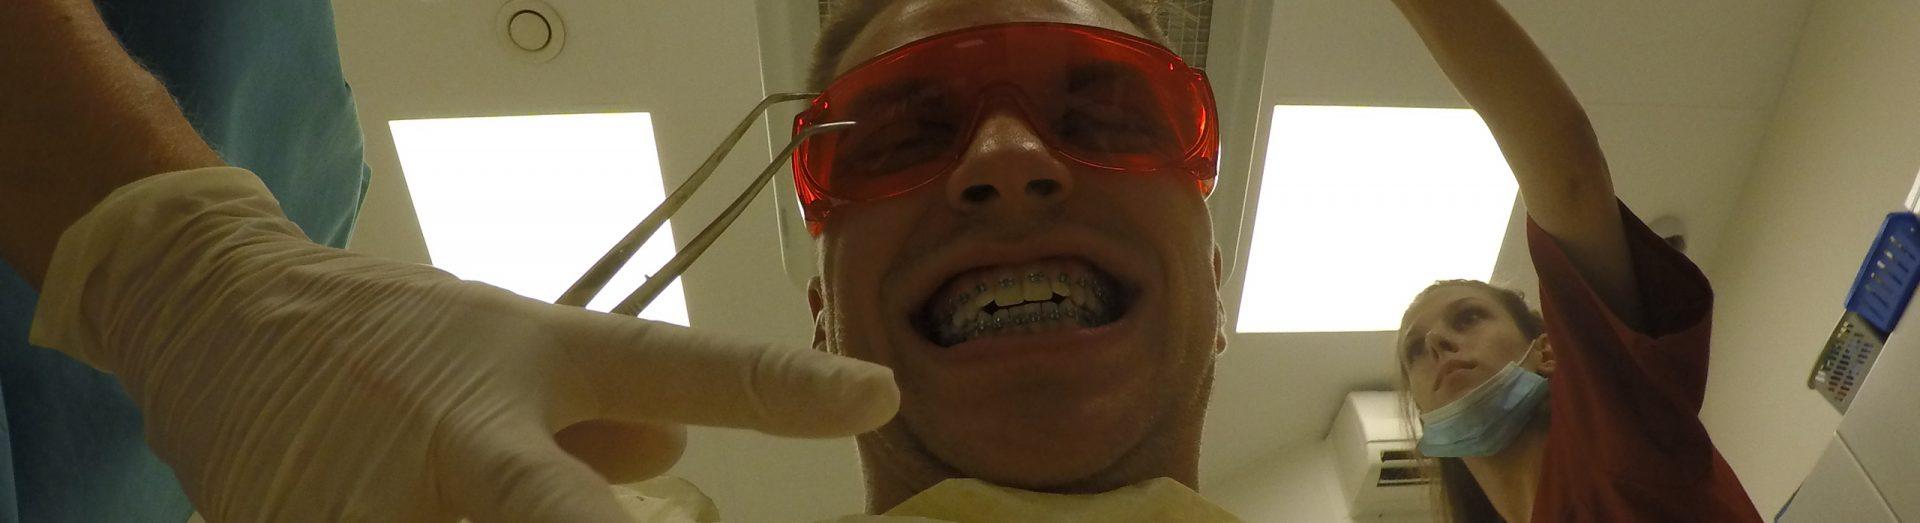 po założeniu aparatu ortodontycznego zadrutowani